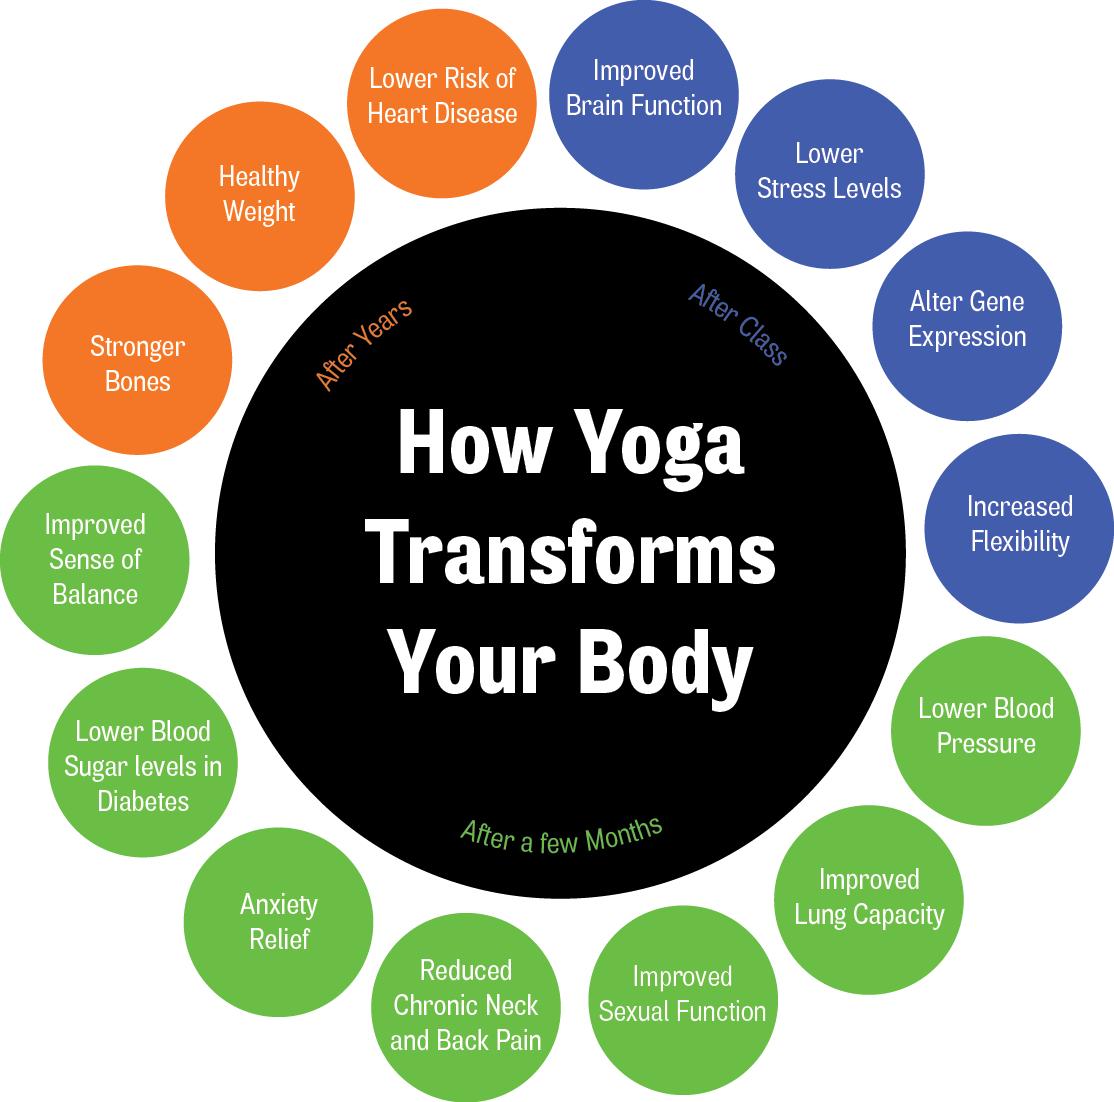 Benefits Of Yoga Body Health Image